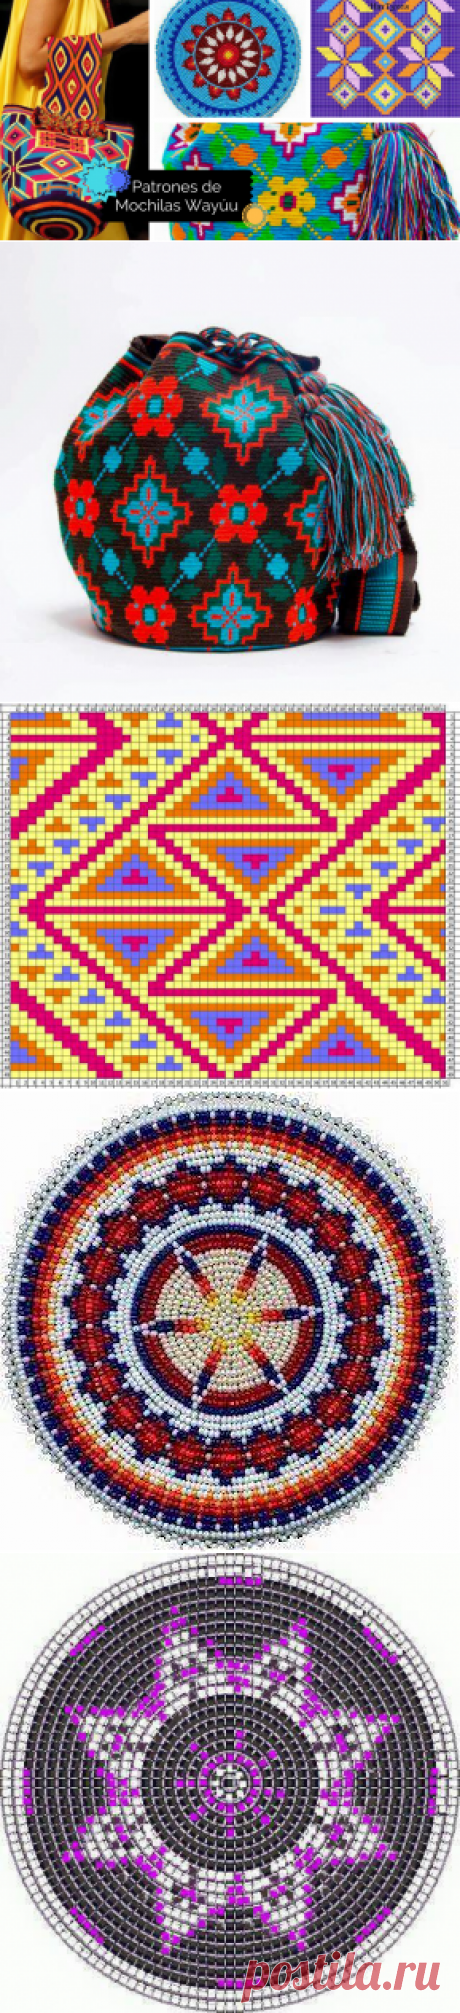 Galería y Patrones: Bases y Cuerpos de Mochilas Wayuu ~ CTejidas [Crochet y Dos Agujas]